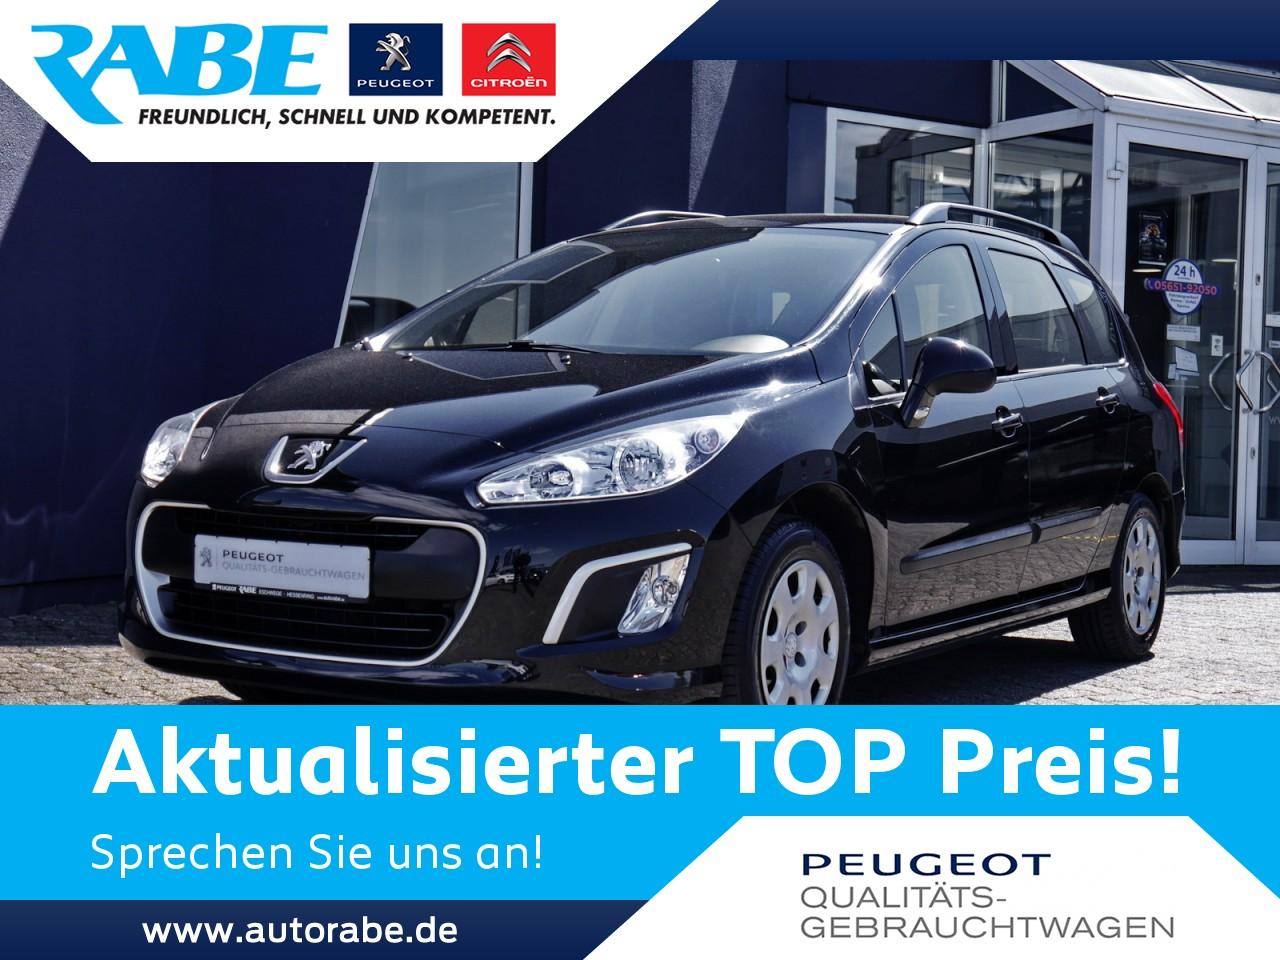 Peugeot 308 SW Access 120 VTi Anhängerkupplung+Klima+SHZ, Jahr 2012, Benzin